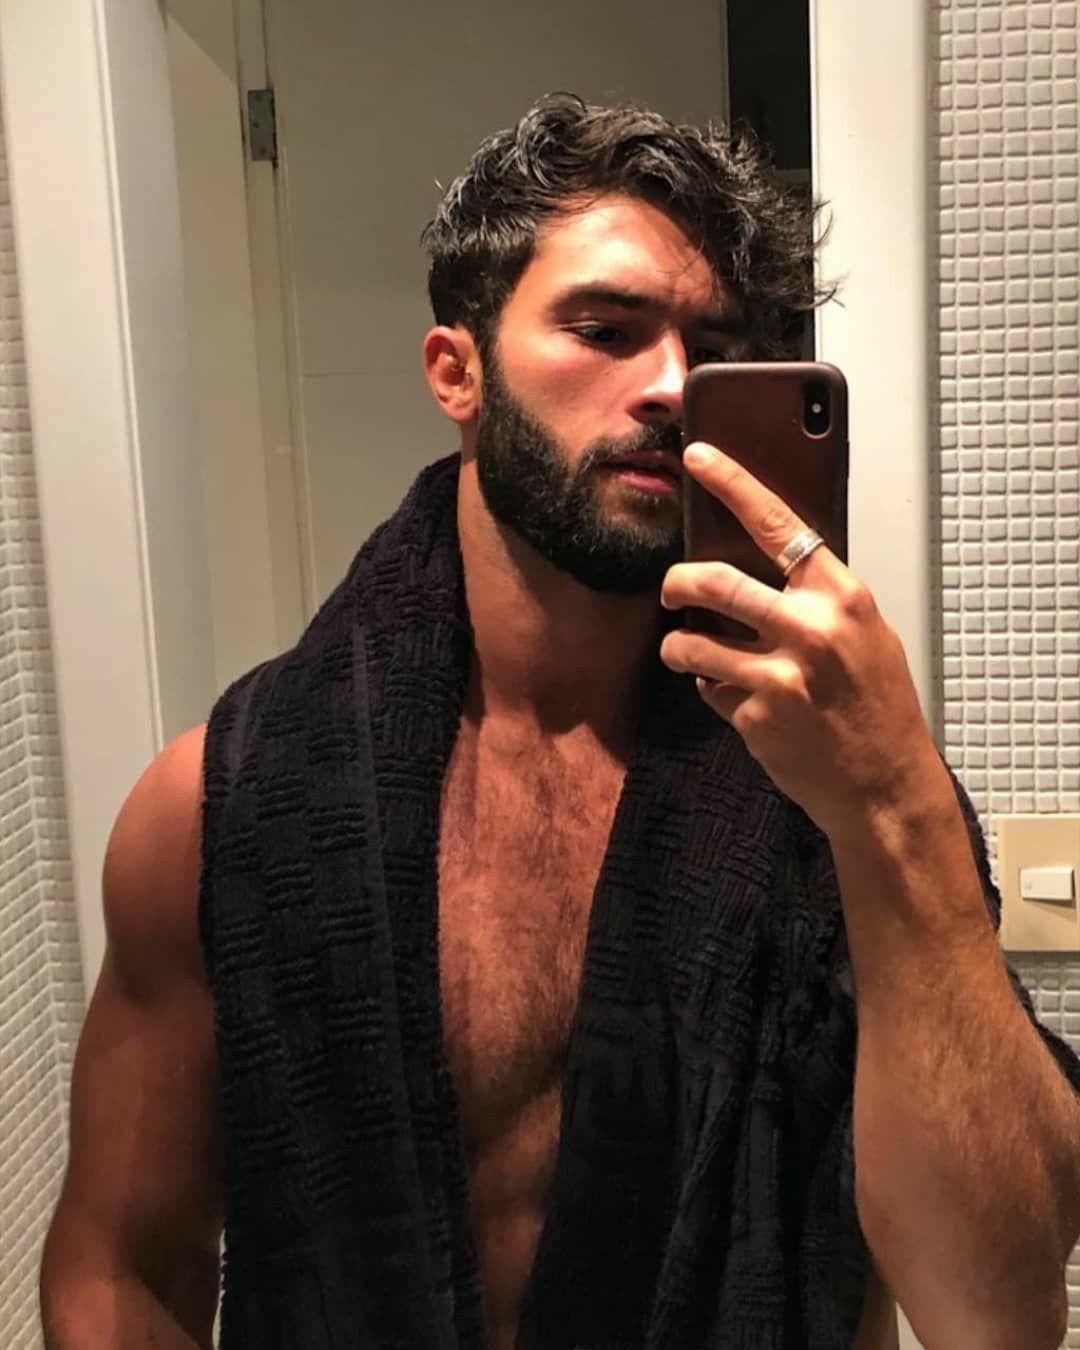 Hot Scruffy Men